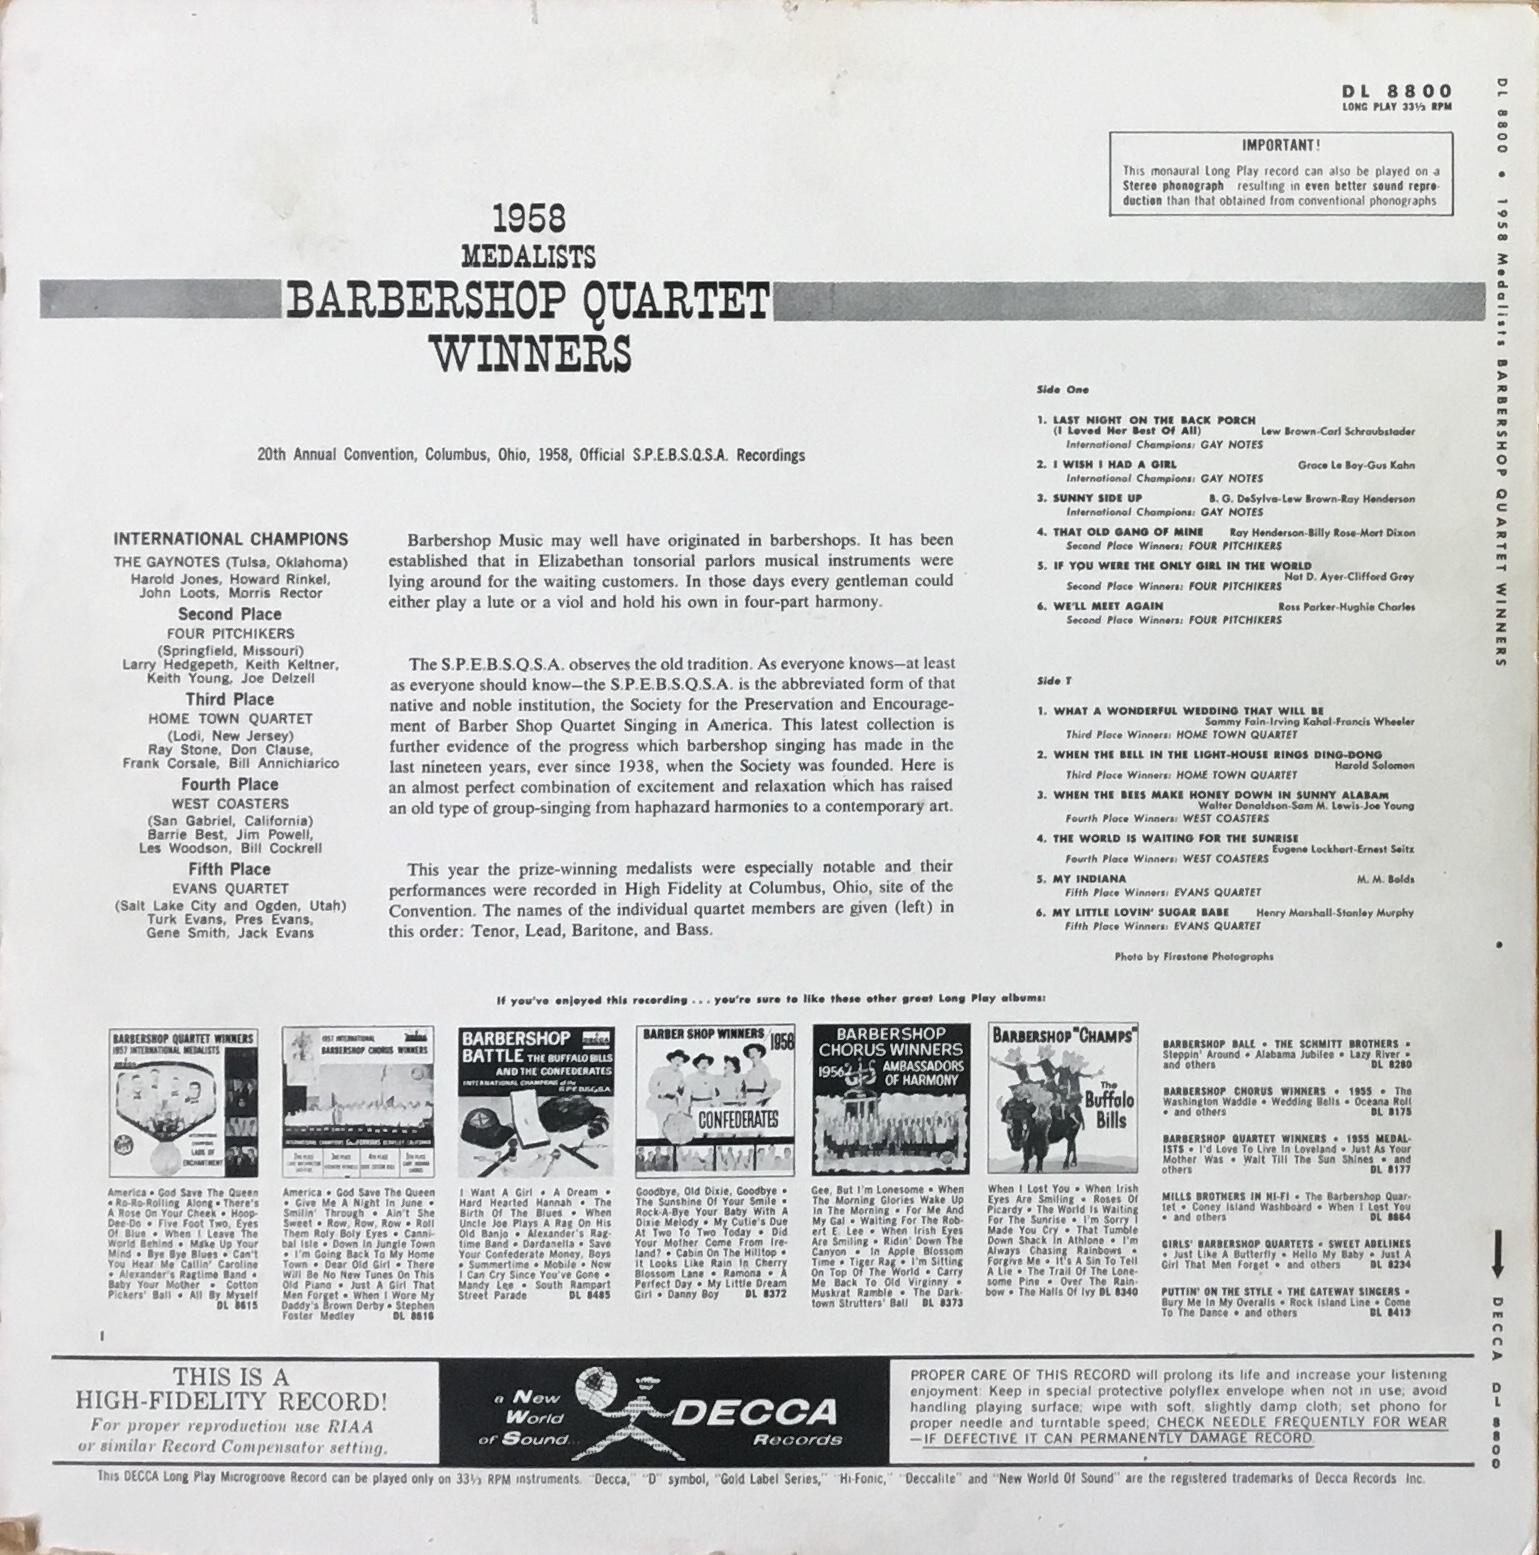 BarbershopQuartet1958Back